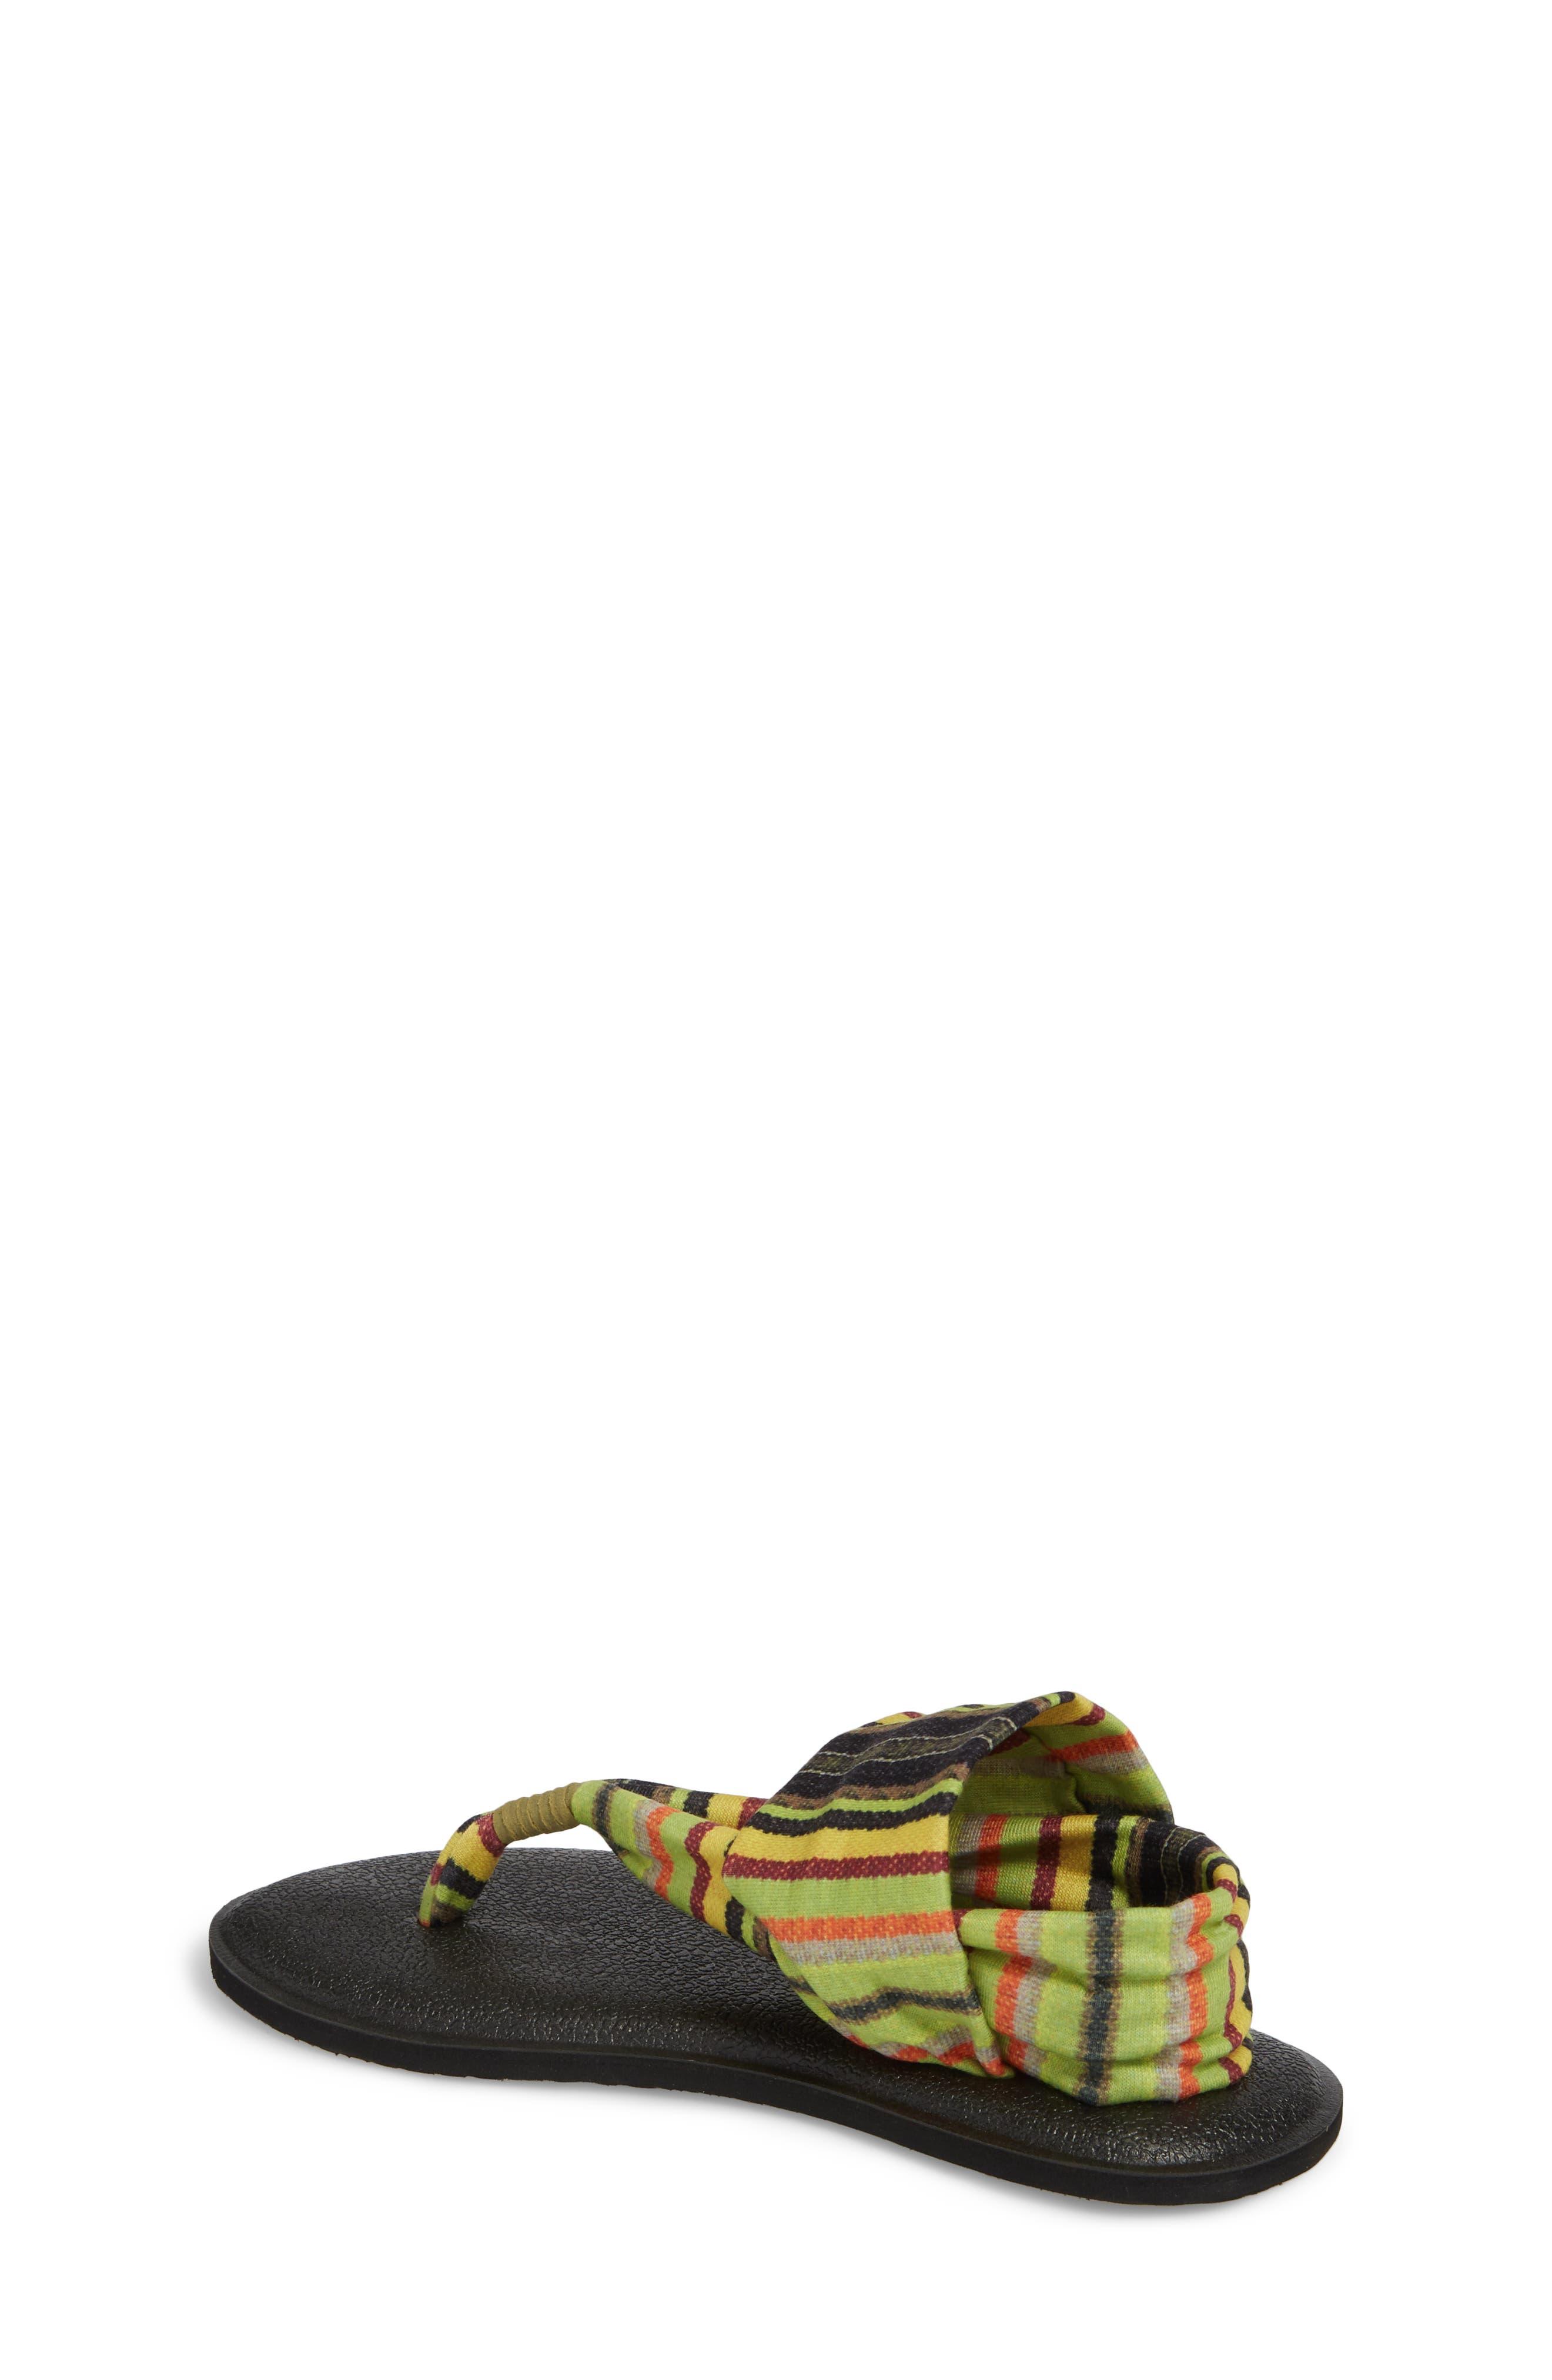 Alternate Image 2  - Sanuk Yoga Sling Burst Sandal (Toddler, Little Kid & Big Kid)